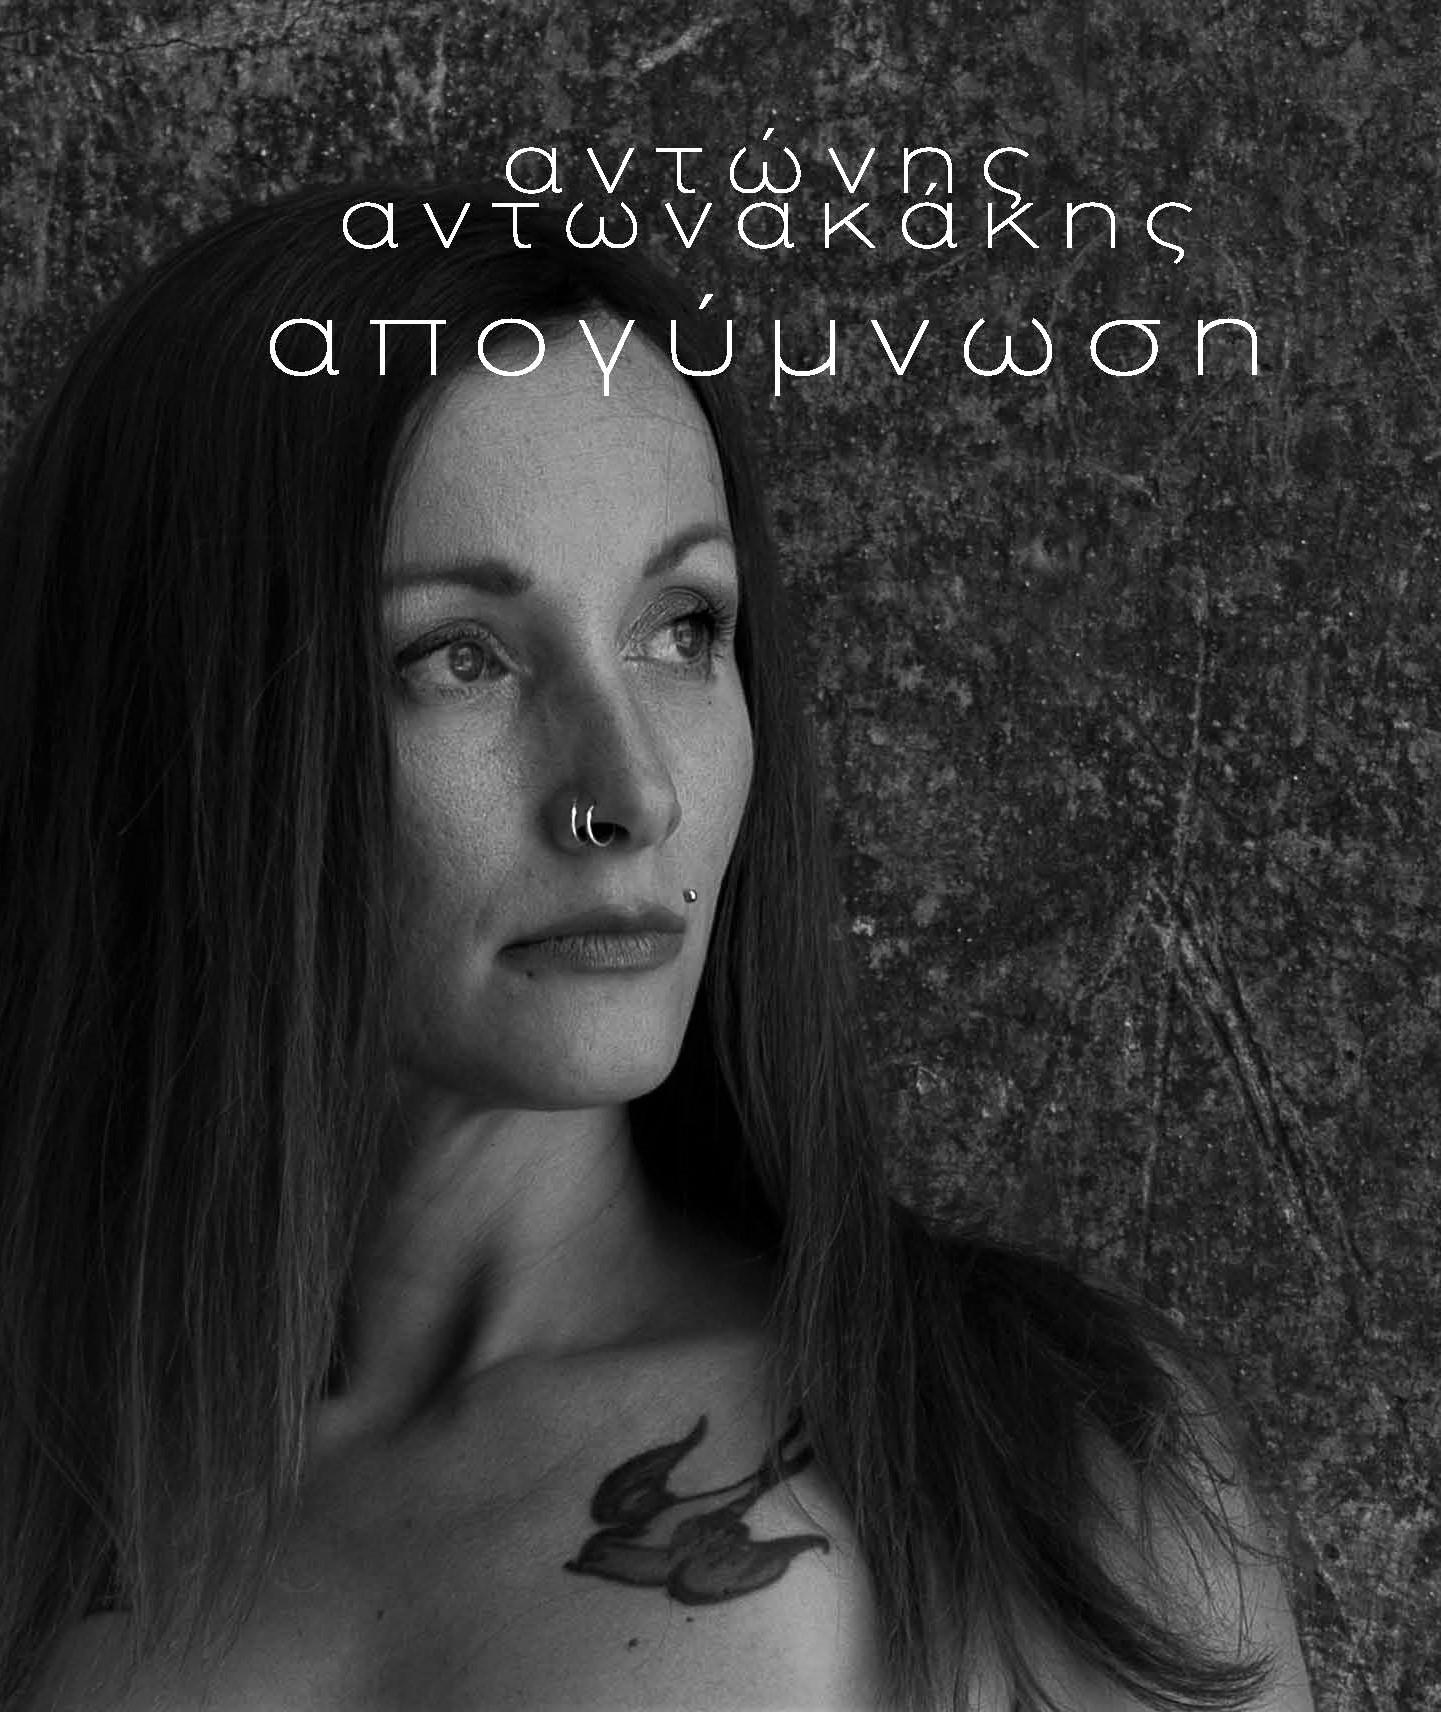 Απογύμνωση …του Αντώνη Αντωνακάκη